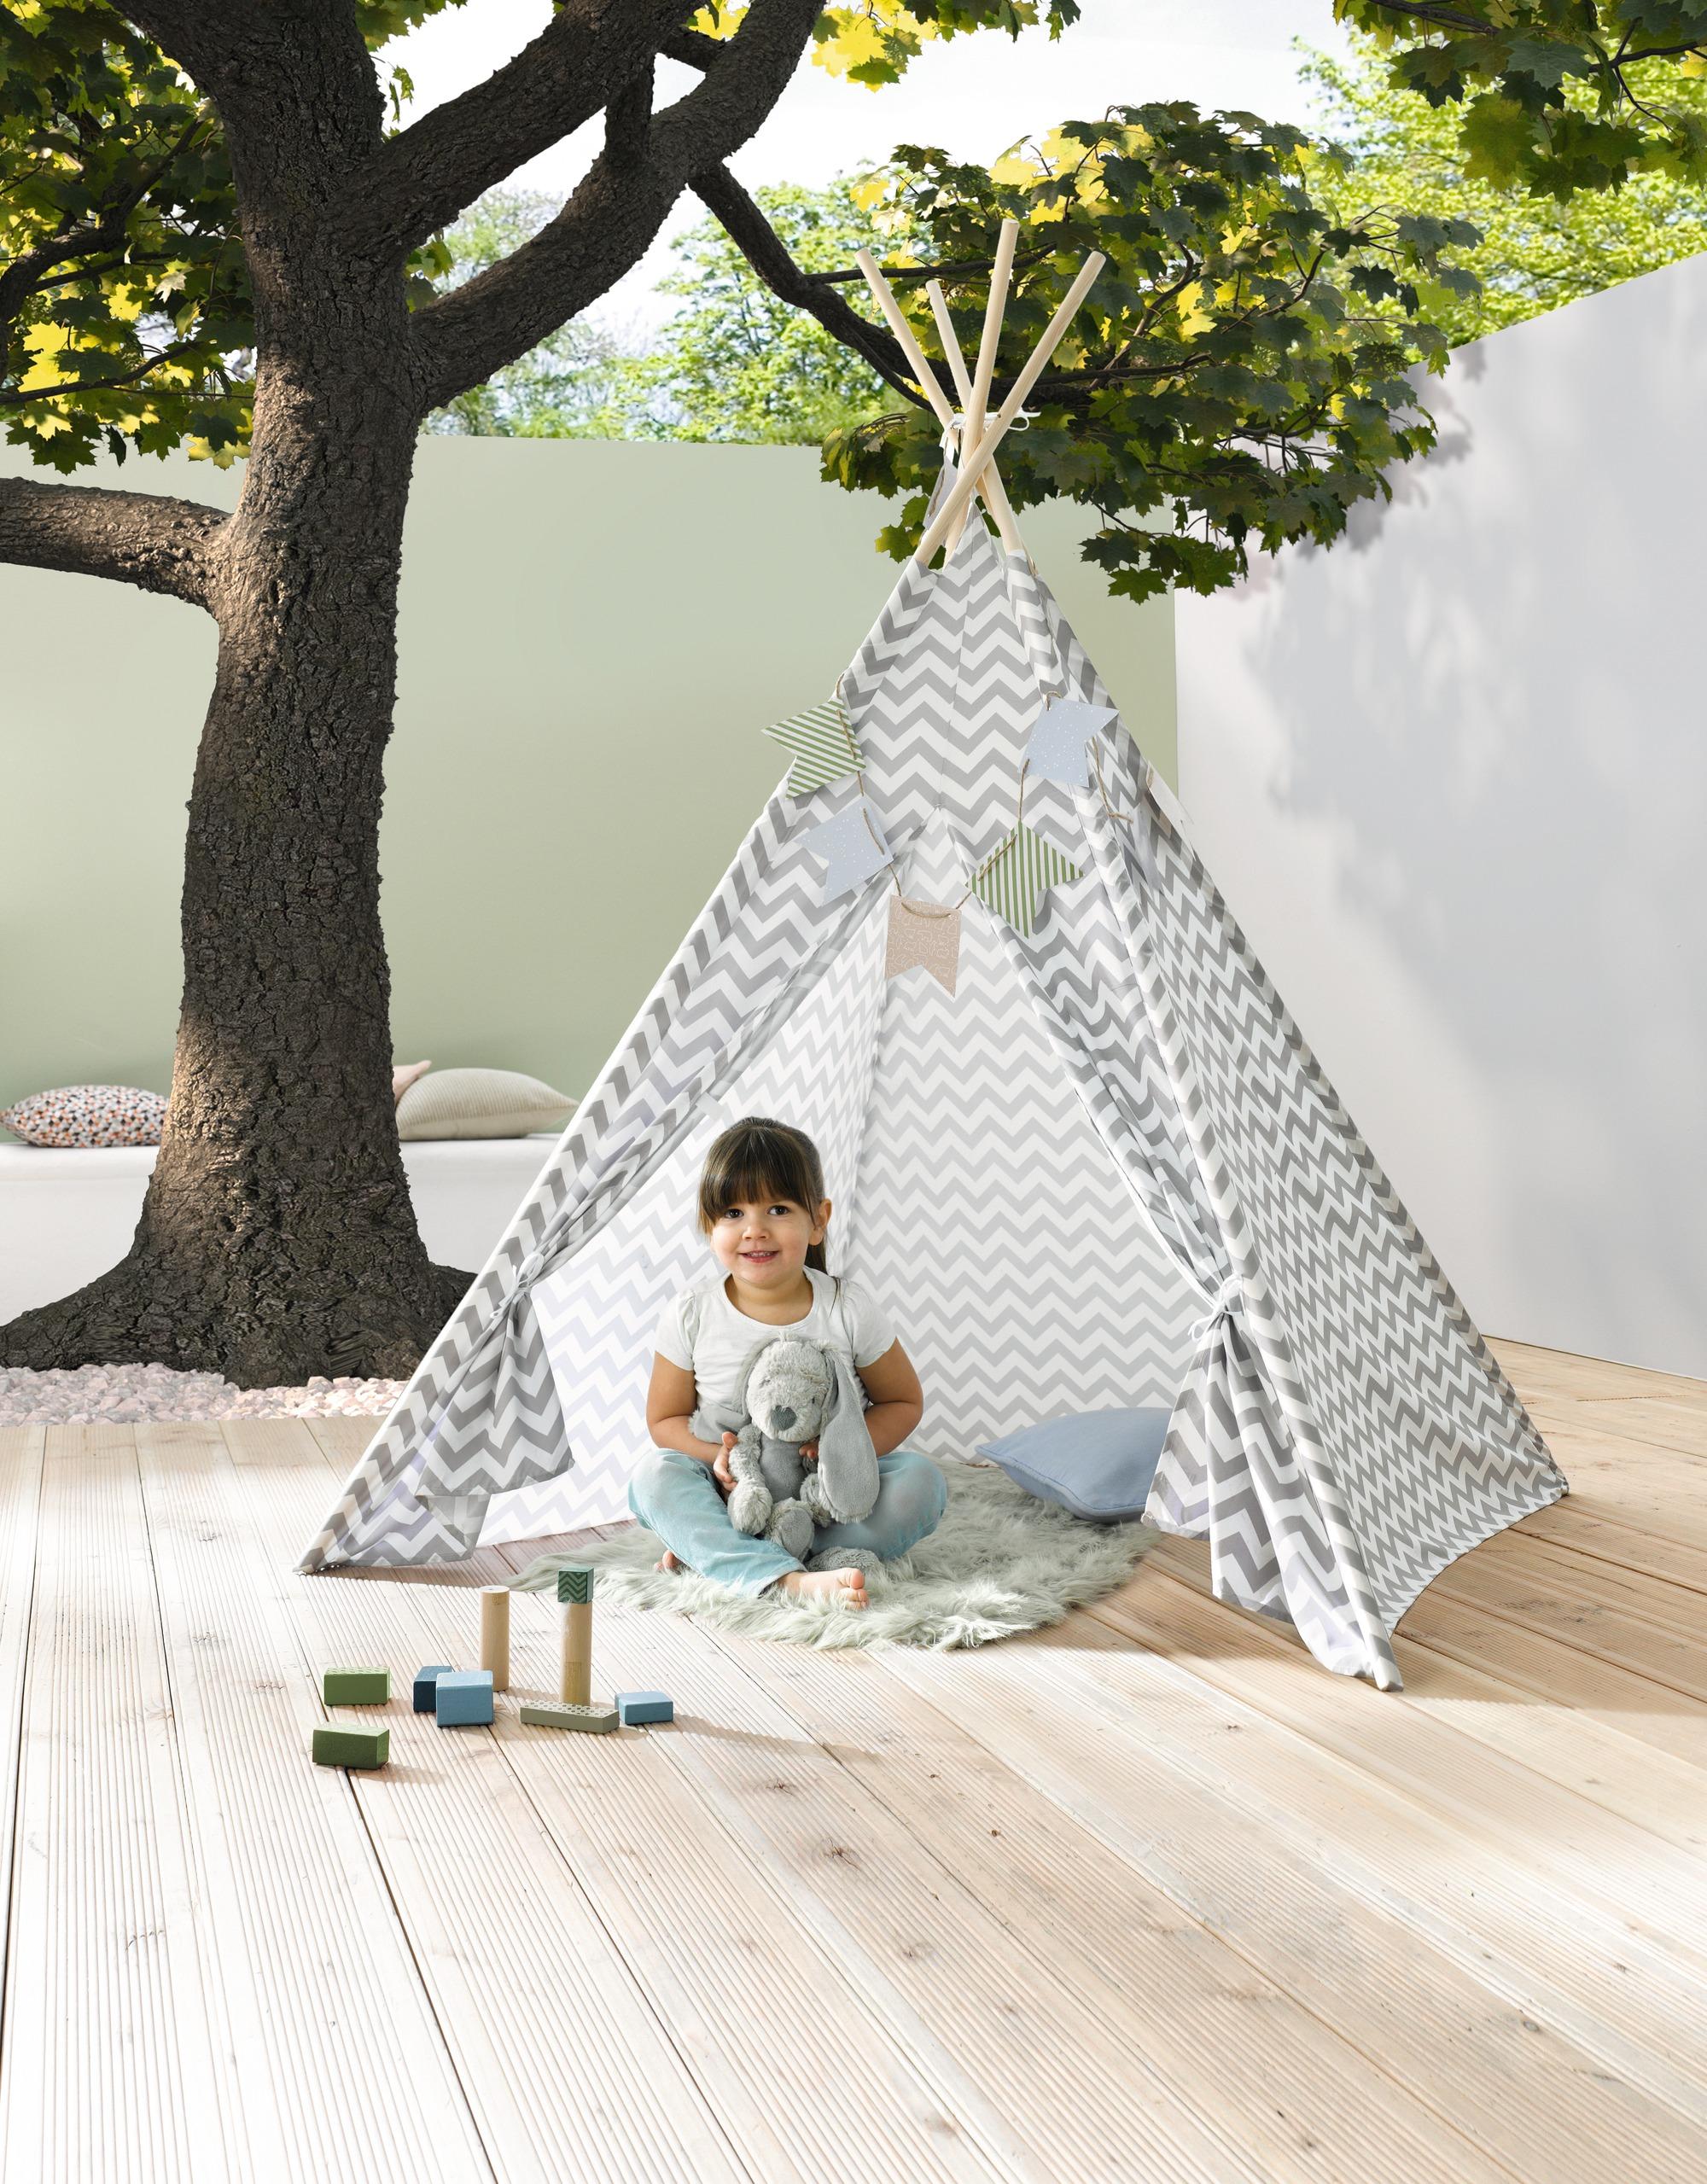 tipi wimpelkette kinderzelt wigwam indianer spielzelt zelt kinder indianertipi ebay. Black Bedroom Furniture Sets. Home Design Ideas